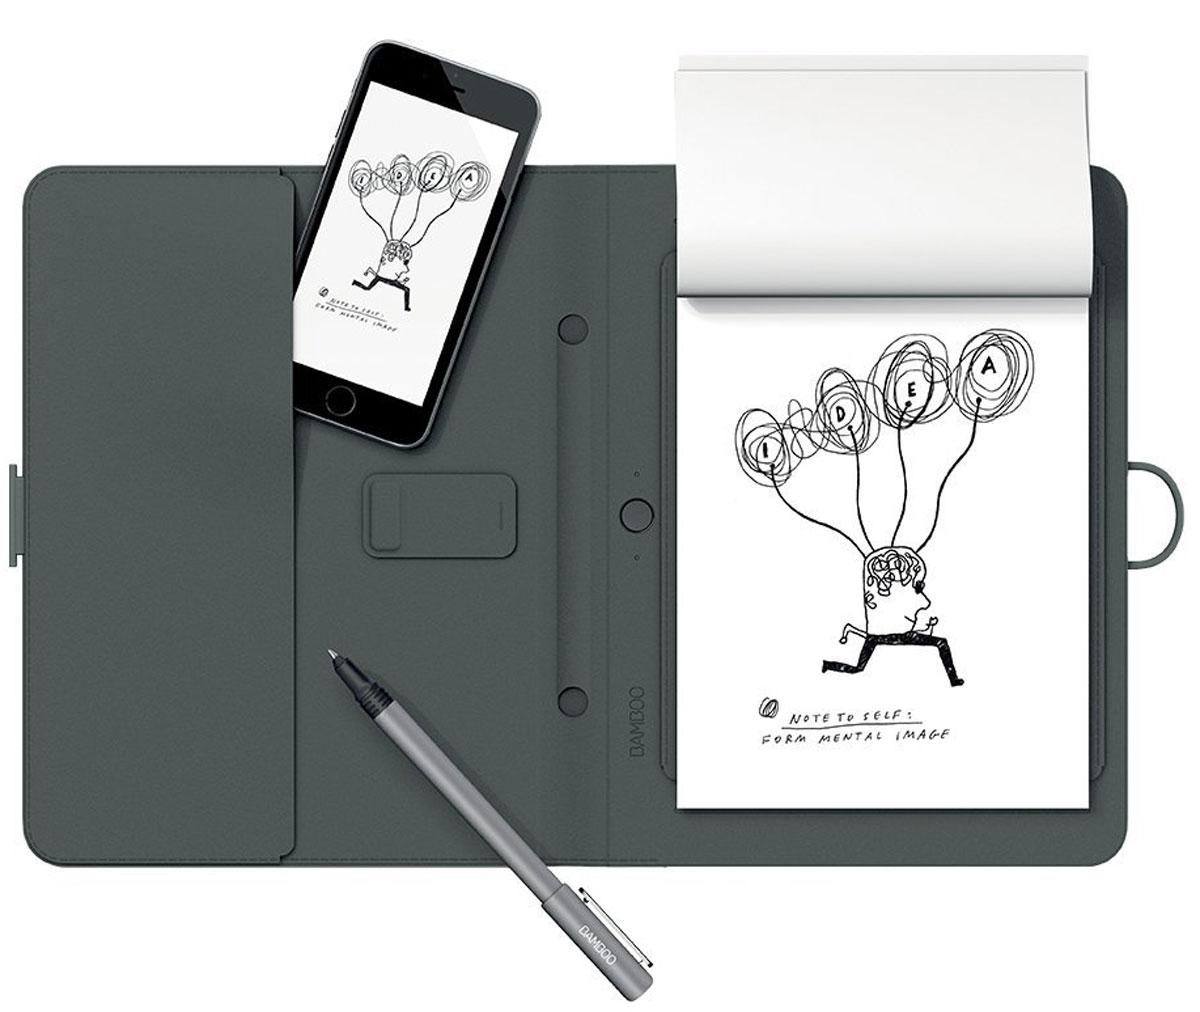 Wacom Bamboo Spark цифровой блокнот с карманом для гаджетов (CDS-600G)4949268619615Bamboo Spark - устройство, которое позволяет придумывать новые идеи и писать заметки на любом типе бумаги, автоматически оцифровывая написанное в реальном времени в специальном приложении для Android и iOS. Конвертация рукописного текста в цифровой предоставляет пользователям Bamboo Spark новый уникальный функционал: теперь они могут получать изящный каллиграфический текст в цифровом формате на основе рукописных заметок, сделанных с помощью специальной ручки-стилуса в умном блокноте, и хранить заметки в упорядоченном виде, чтобы отредактировать их позже или поделиться с другими.Создание стандартных текстовых файлов на основе рукописных заметок в Bamboo Spark осуществляется с помощью простого инструмента экспорт в текстовый формат, который встроен в приложение. Созданные заметки можно перевести в формат *.pdf или *.jpg. Кроме того, с помощью технологии WILL (Wacoms Ink Layer Language), в цифровой текст могут быть преобразованы и созданные ранее файлы, хранящиеся в Inkspace - облачном хранилище и системе обмена данными Wacom. Ваша бумажная записная книжка послужила вам верой и правдой. Не ограничивайте полет своей фантазии. Bamboo Spark представляет собой небольшой фолиант с шариковой ручкой, где предусмотрено место для вашей любимой бумаги. Он позволяет писать от руки и сохранять эти рукописные заметки локально или в облаке для дальнейшего редактирования, архивирования или просмотра. Нажмите кнопку. Все готово. Решение Bamboo Spark удобно в использовании и позволяет легко перенести бумажные заметки в цифровую среду.Когда вам в голову приходит замечательная идея, ее удобнее зафиксировать наиболее привычным образом: с помощью ручки и бумаги. Начните писать пером Bamboo Spark на своей бумаге, и фолиант сохранит каждый росчерк. Заметки мгновенно преобразуются из аналогового вида в цифровой, чтобы к ним можно было осуществить доступ с помощью приложения Bamboo Spark.Синхронизируйте позже. П